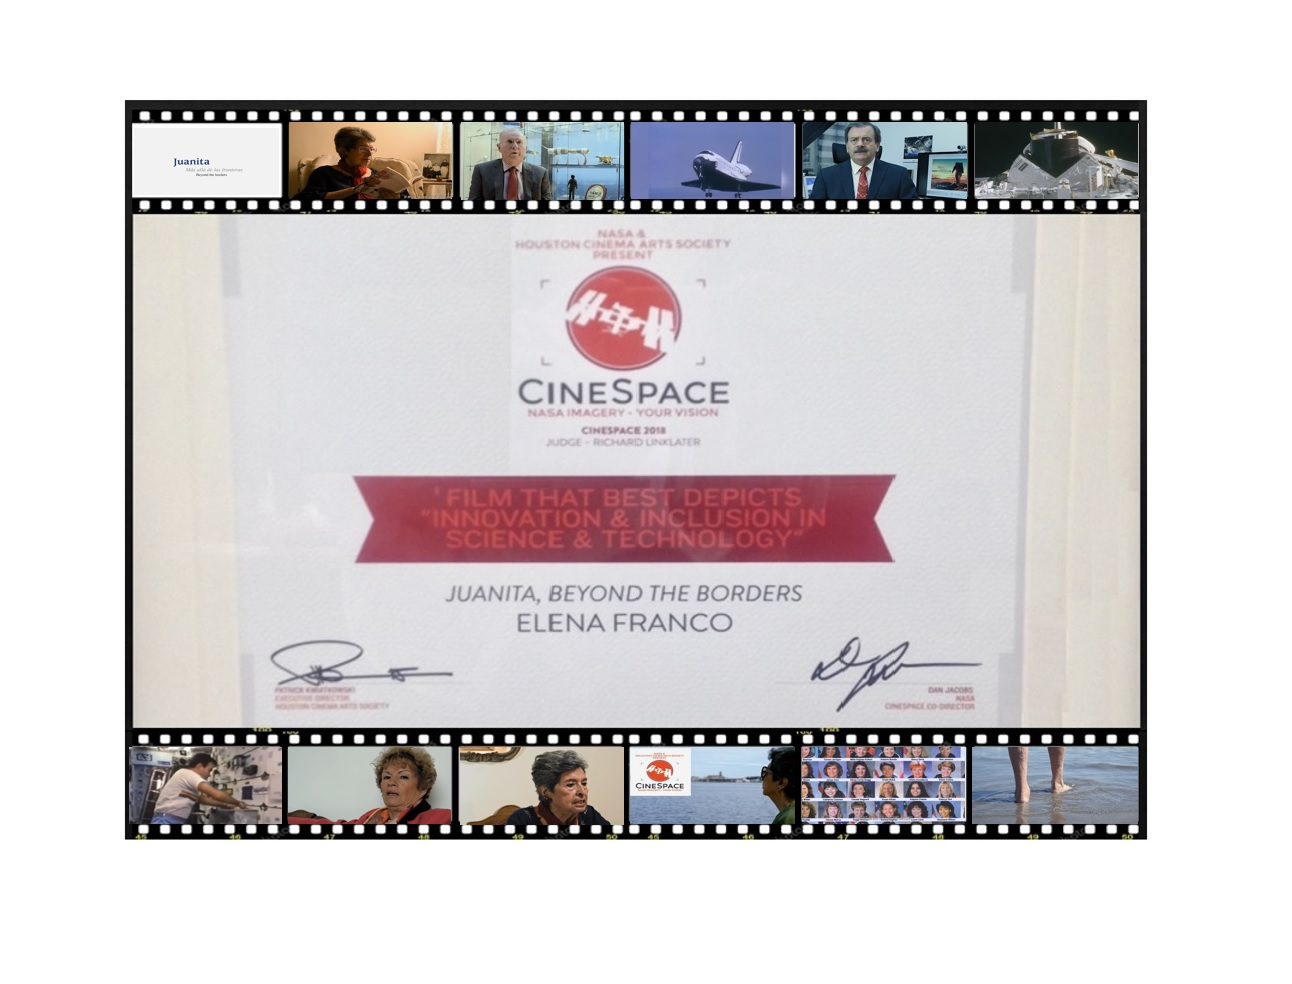 Foto m xico  ganador en festival  cinespace  de nasa y houston cinema arts festival 2